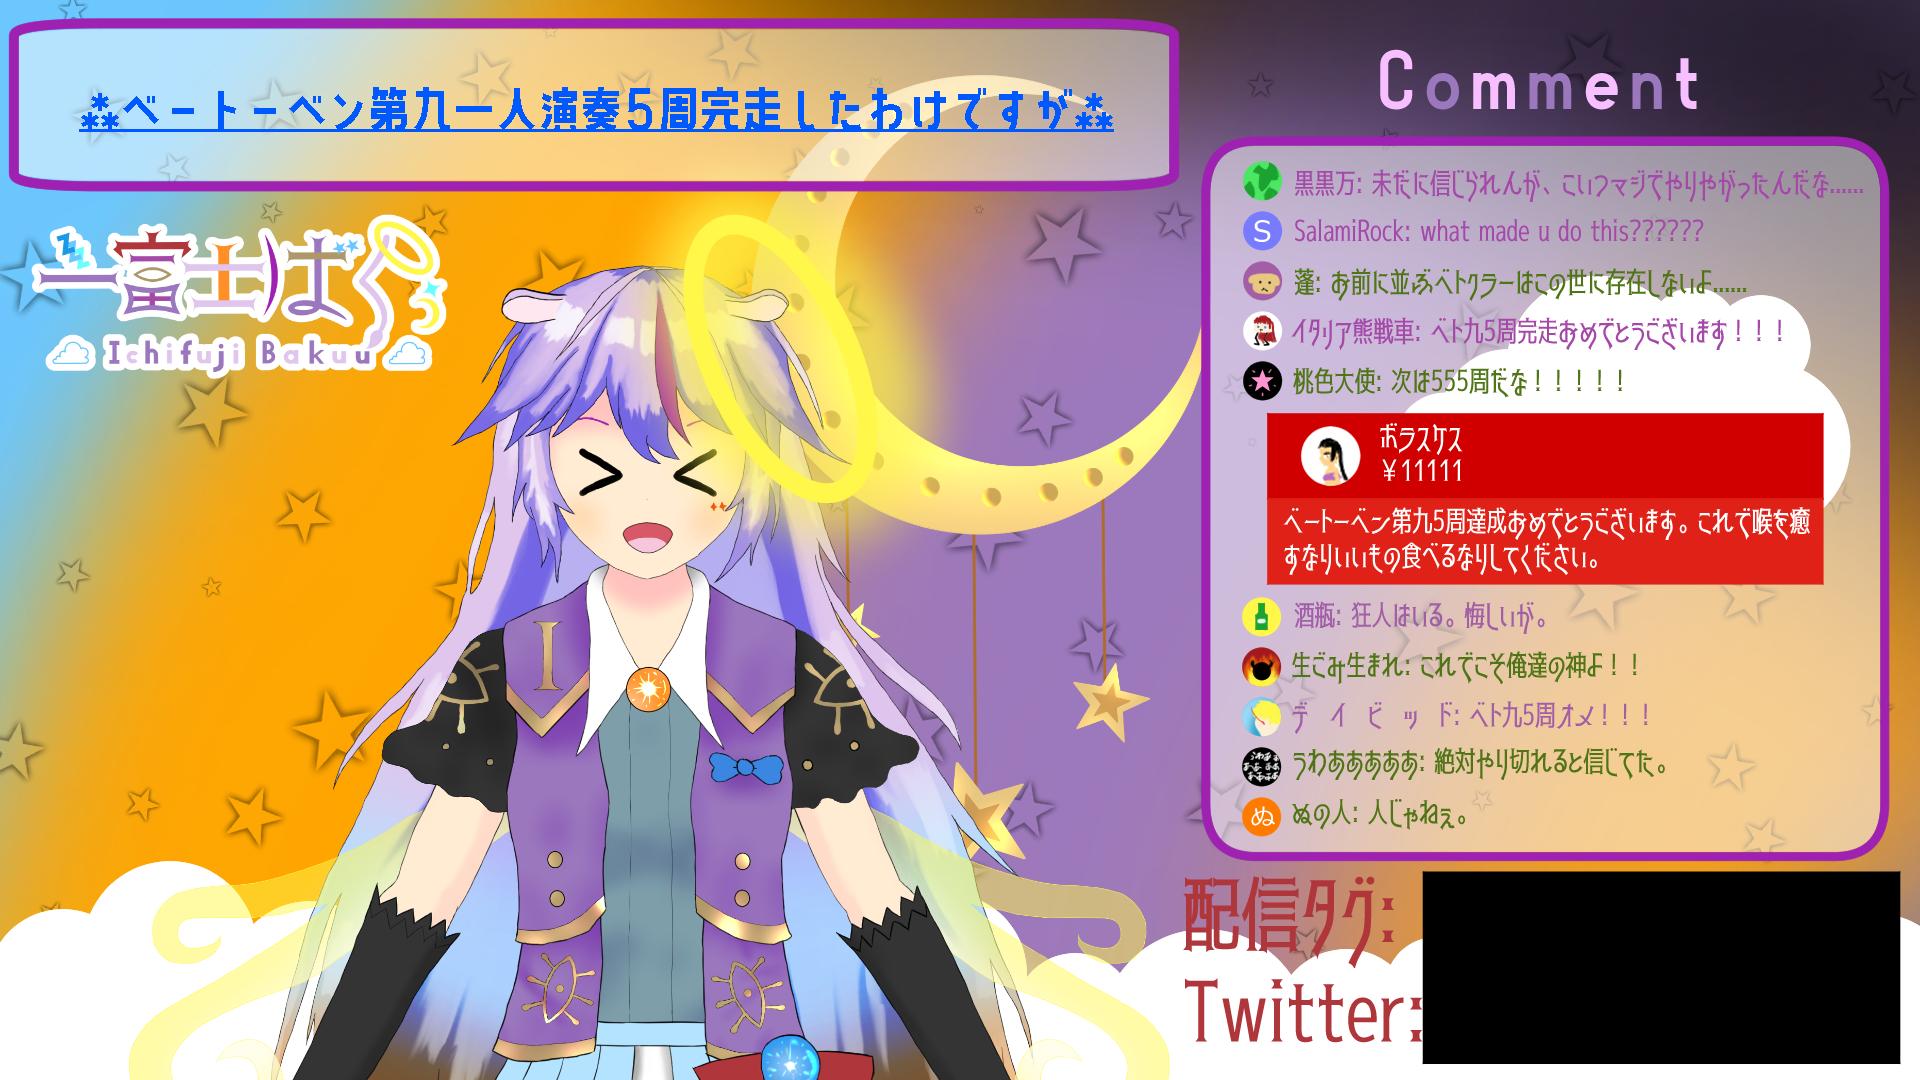 IchifujiBakuuStreaming_R